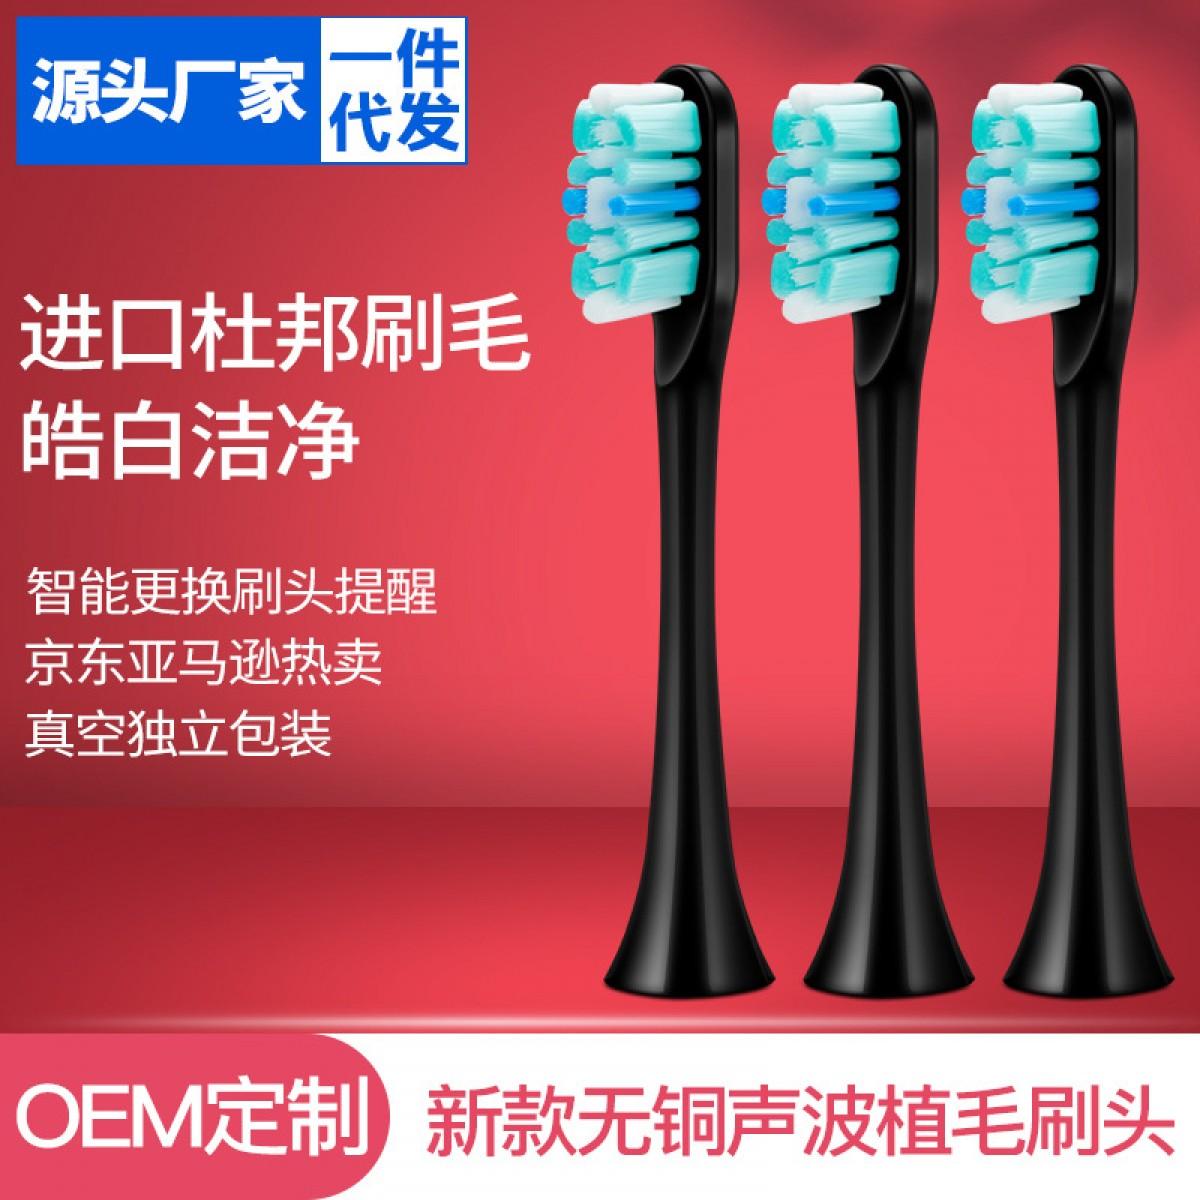 电动牙刷头声波电动牙刷原装替换通用无铜植毛变色4支装成人软毛